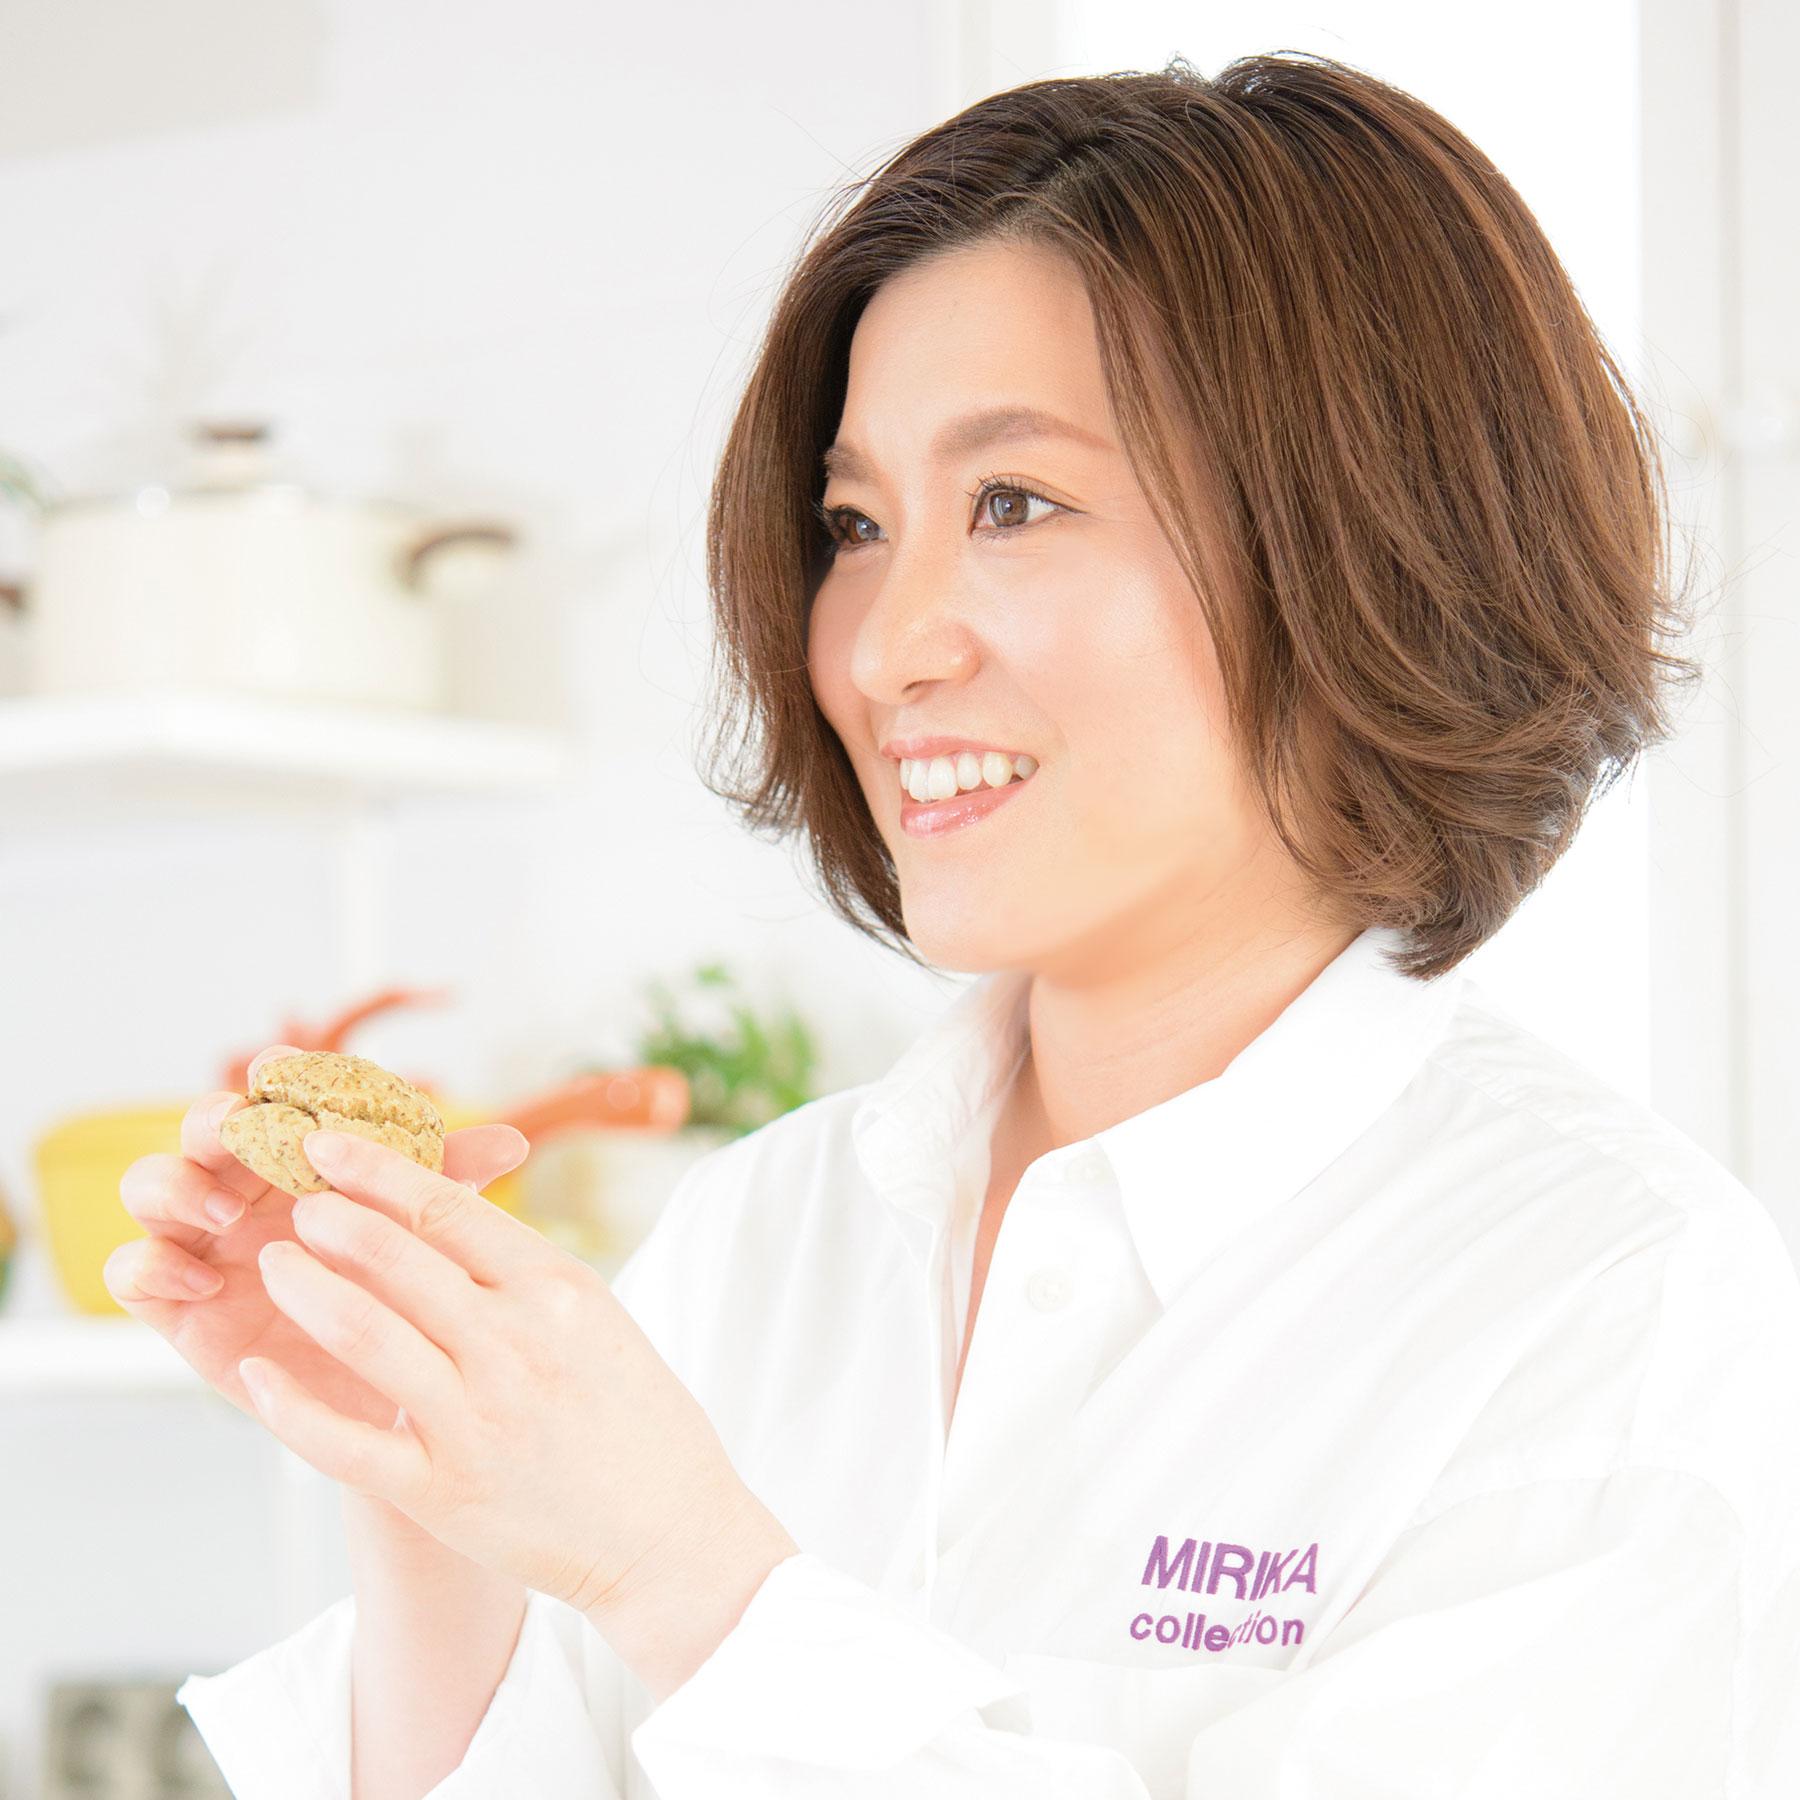 早川美里佳「料理愛好家」